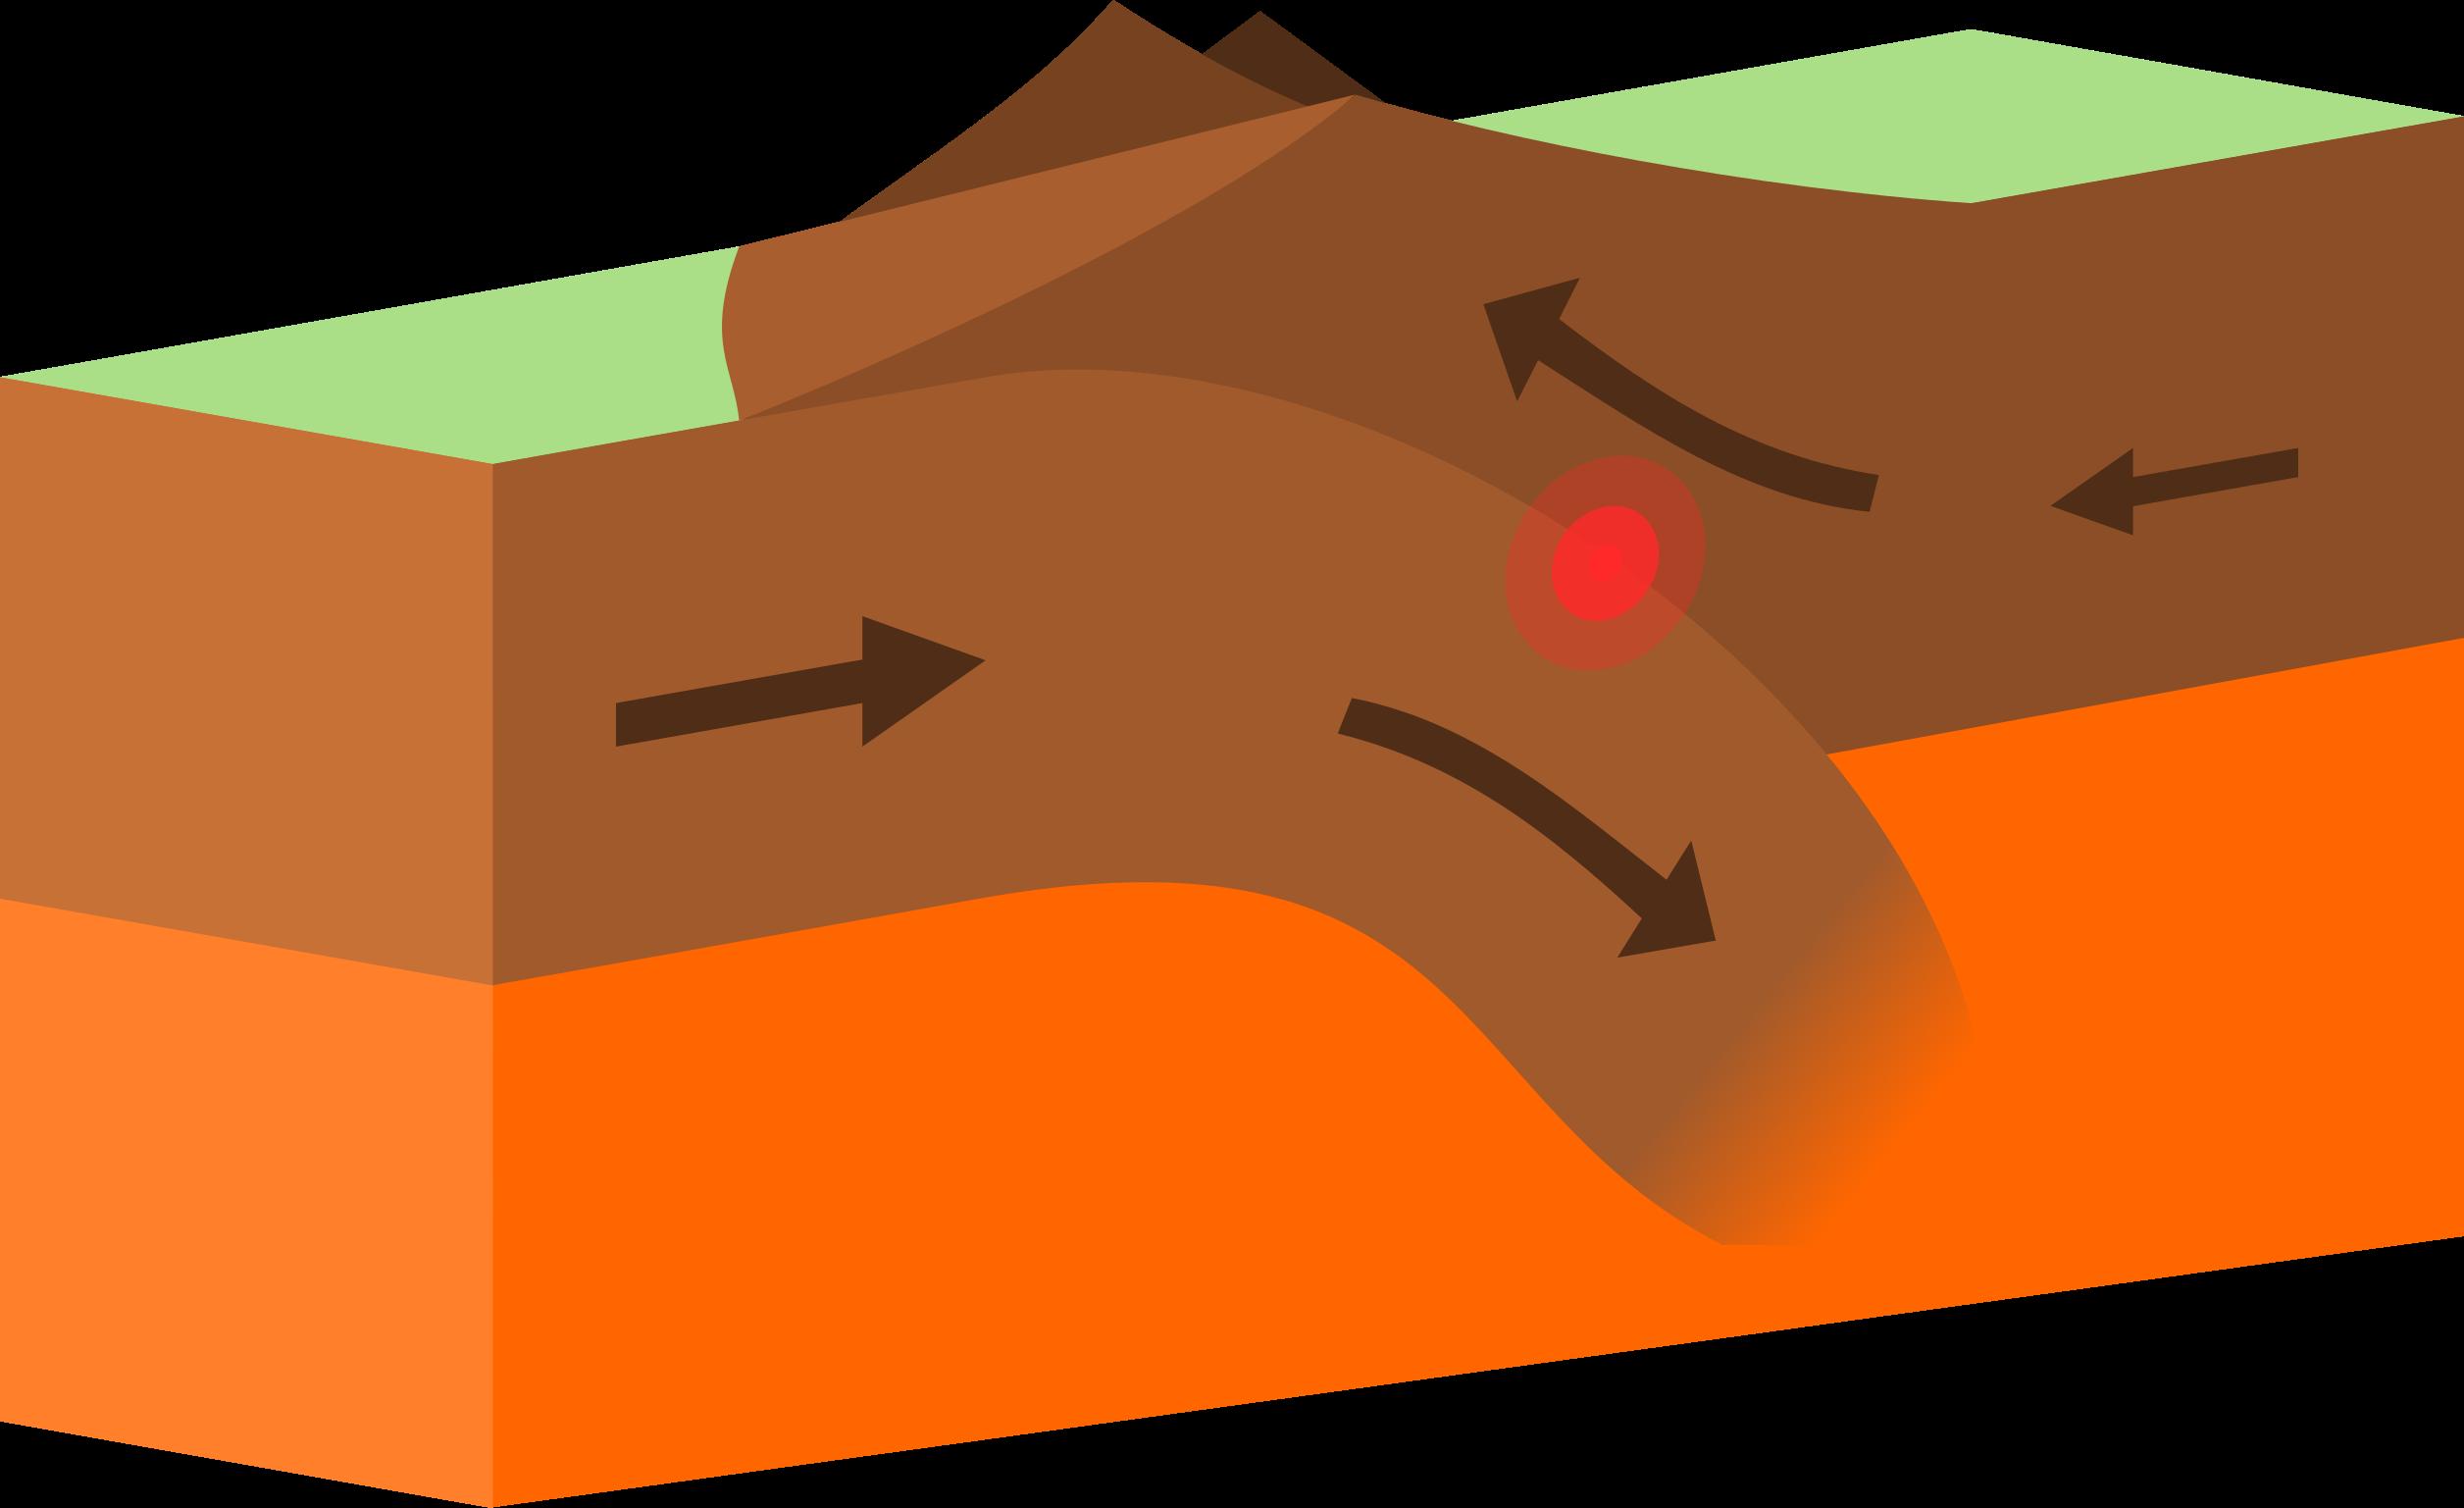 Mt etna volcano project. Earthquake clipart tectonic earthquake